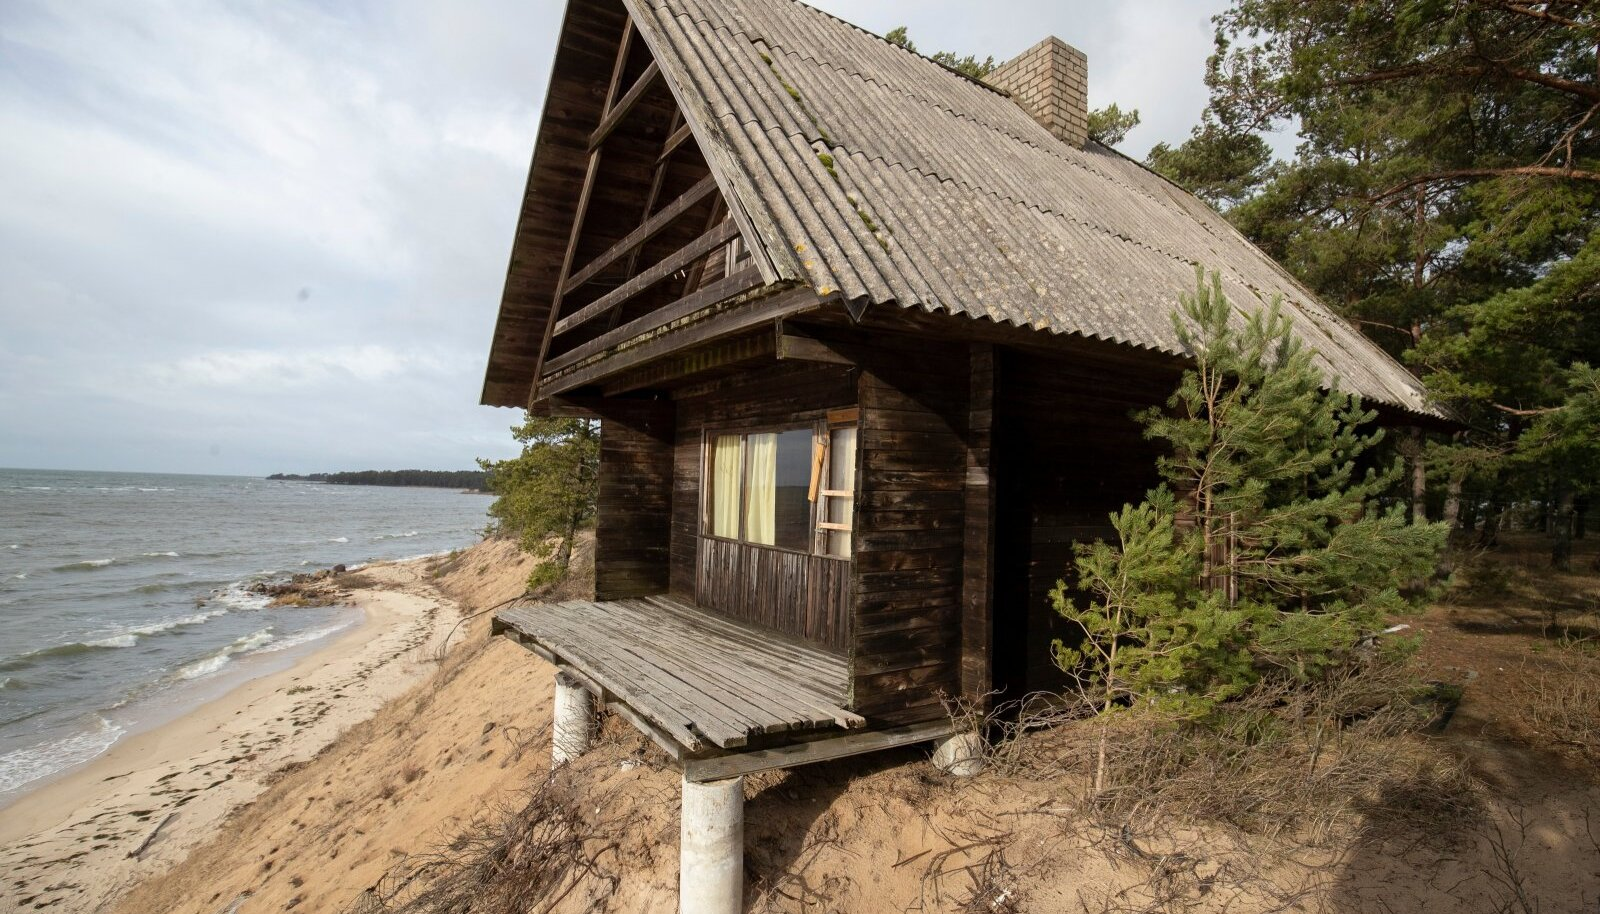 Laulasmaal Lohusaare teel asuv maja, mis liigub iga aastaga aina rohkem mere poole.